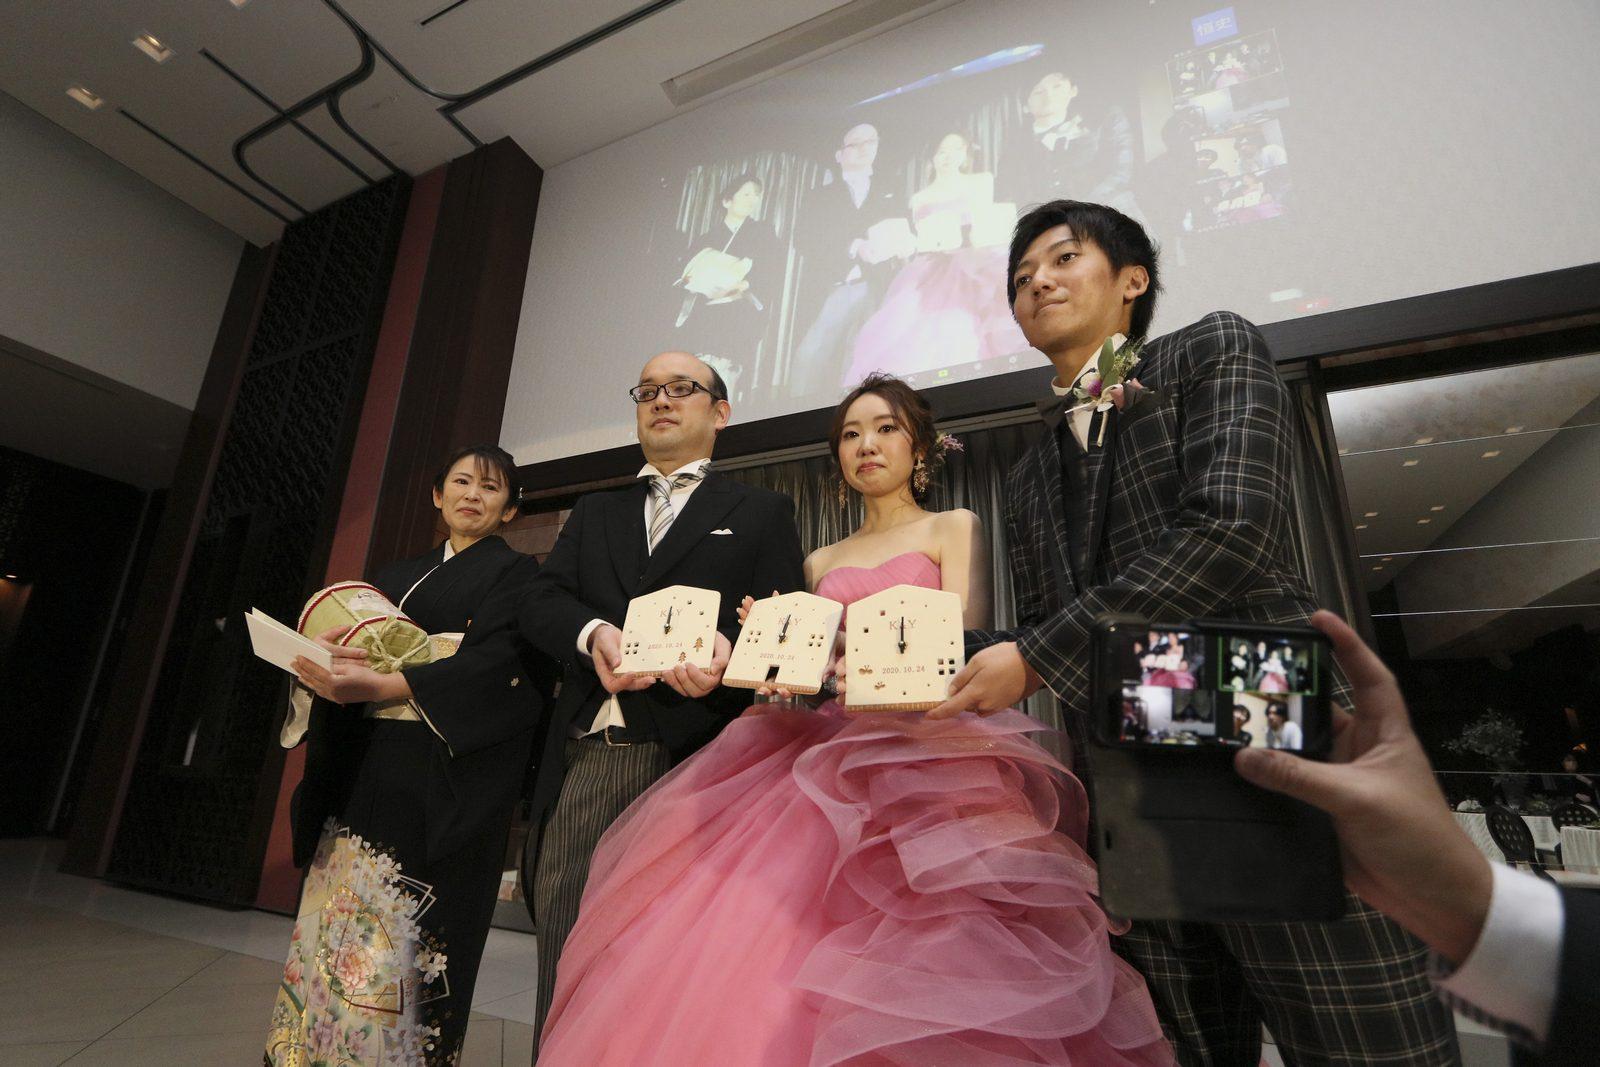 徳島市の結婚式場ブランアンジュで贈呈された信楽焼の絆時計を持ち記念写真をとる新郎新婦と新婦両親